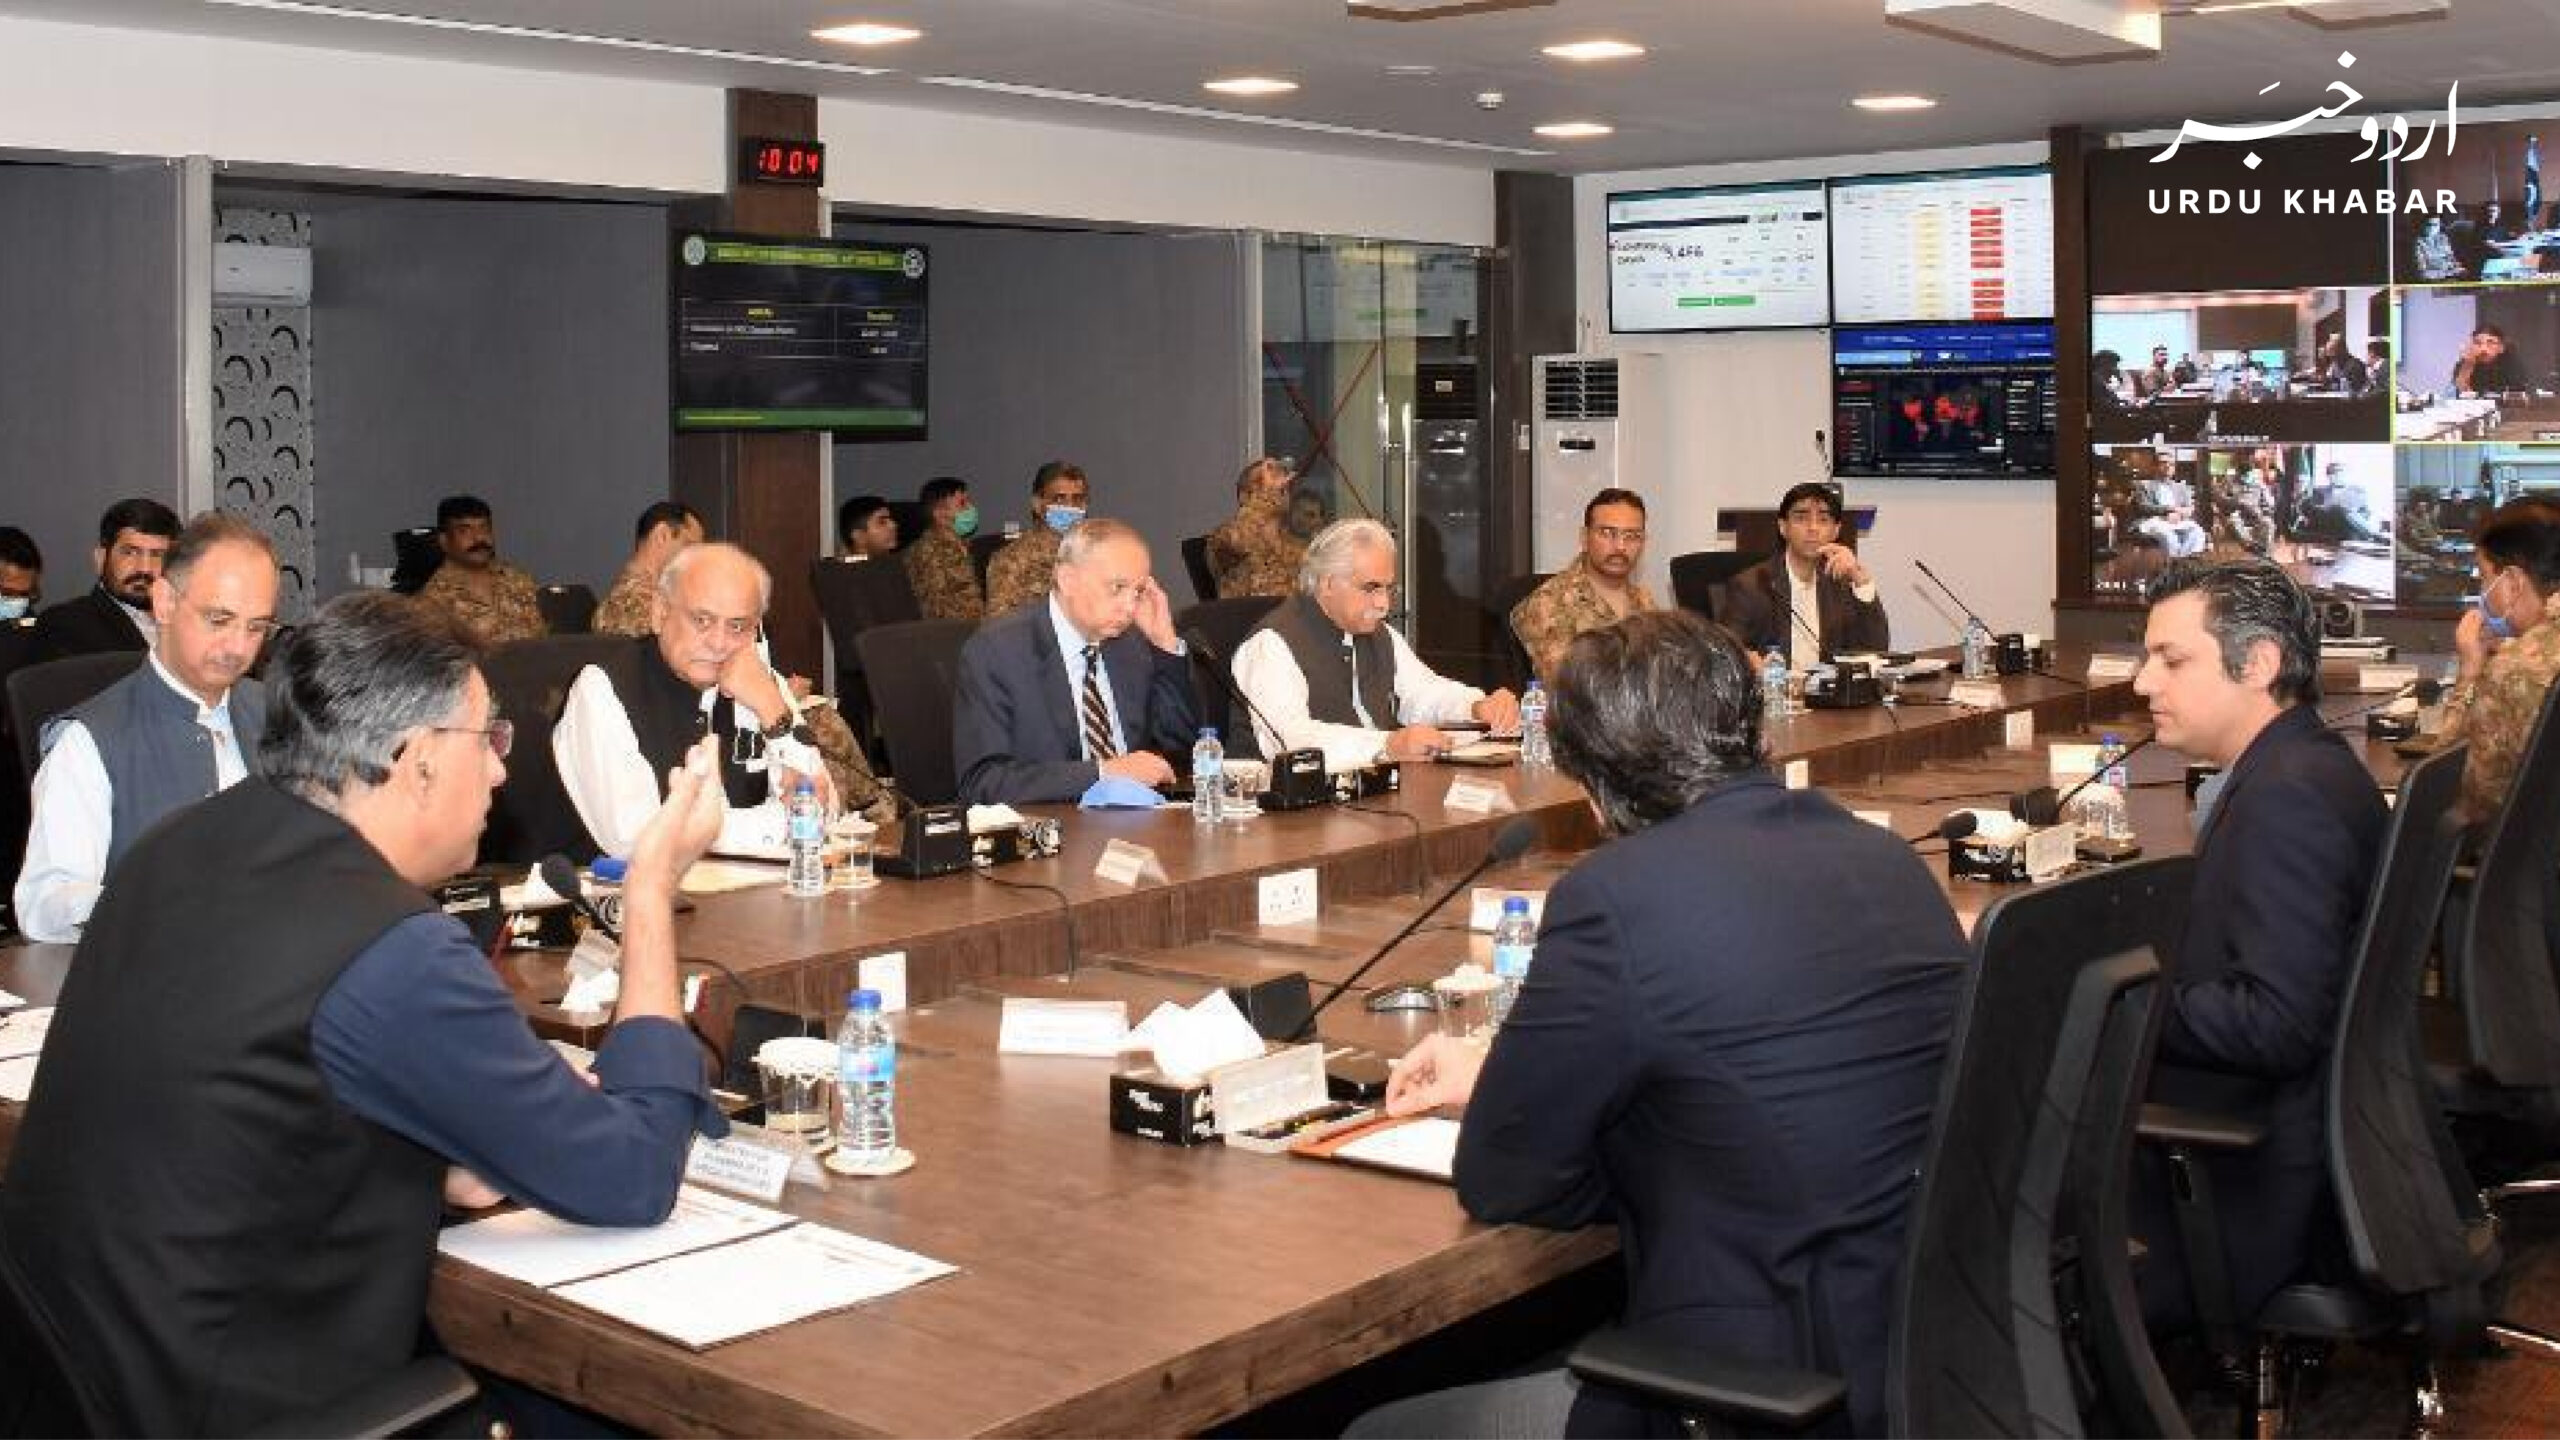 پنجاب اور خیبرپختونخواہ میں کیسز بڑھنے پر نیشنل کمانڈ سینٹر کا ہنگامی اجلاس